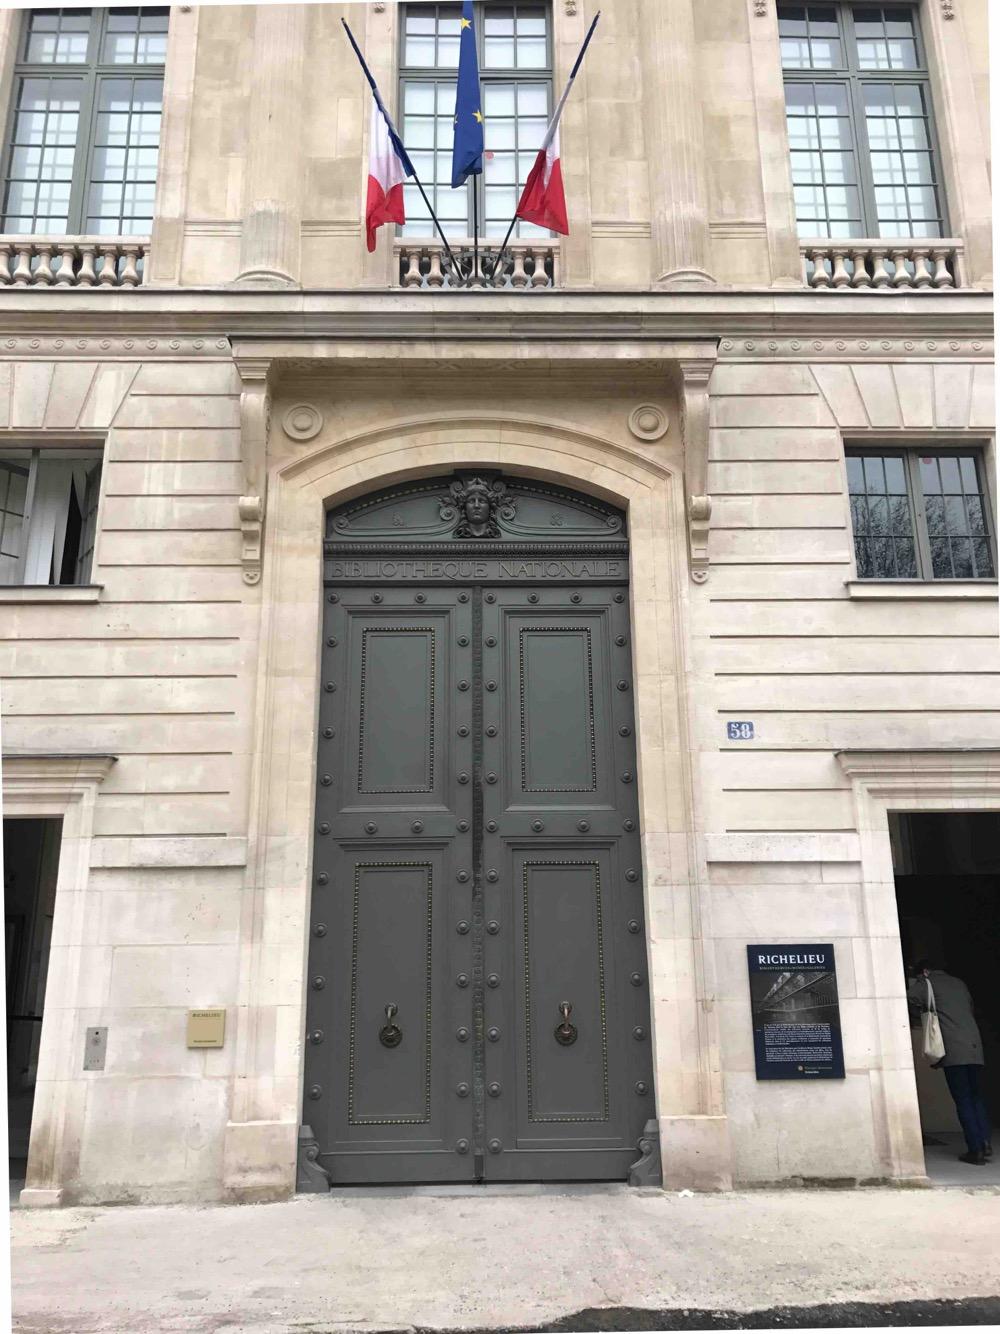 Porte Monumentale Bibliothèque Nationale 58 Rue De Richelieu - Paris 2